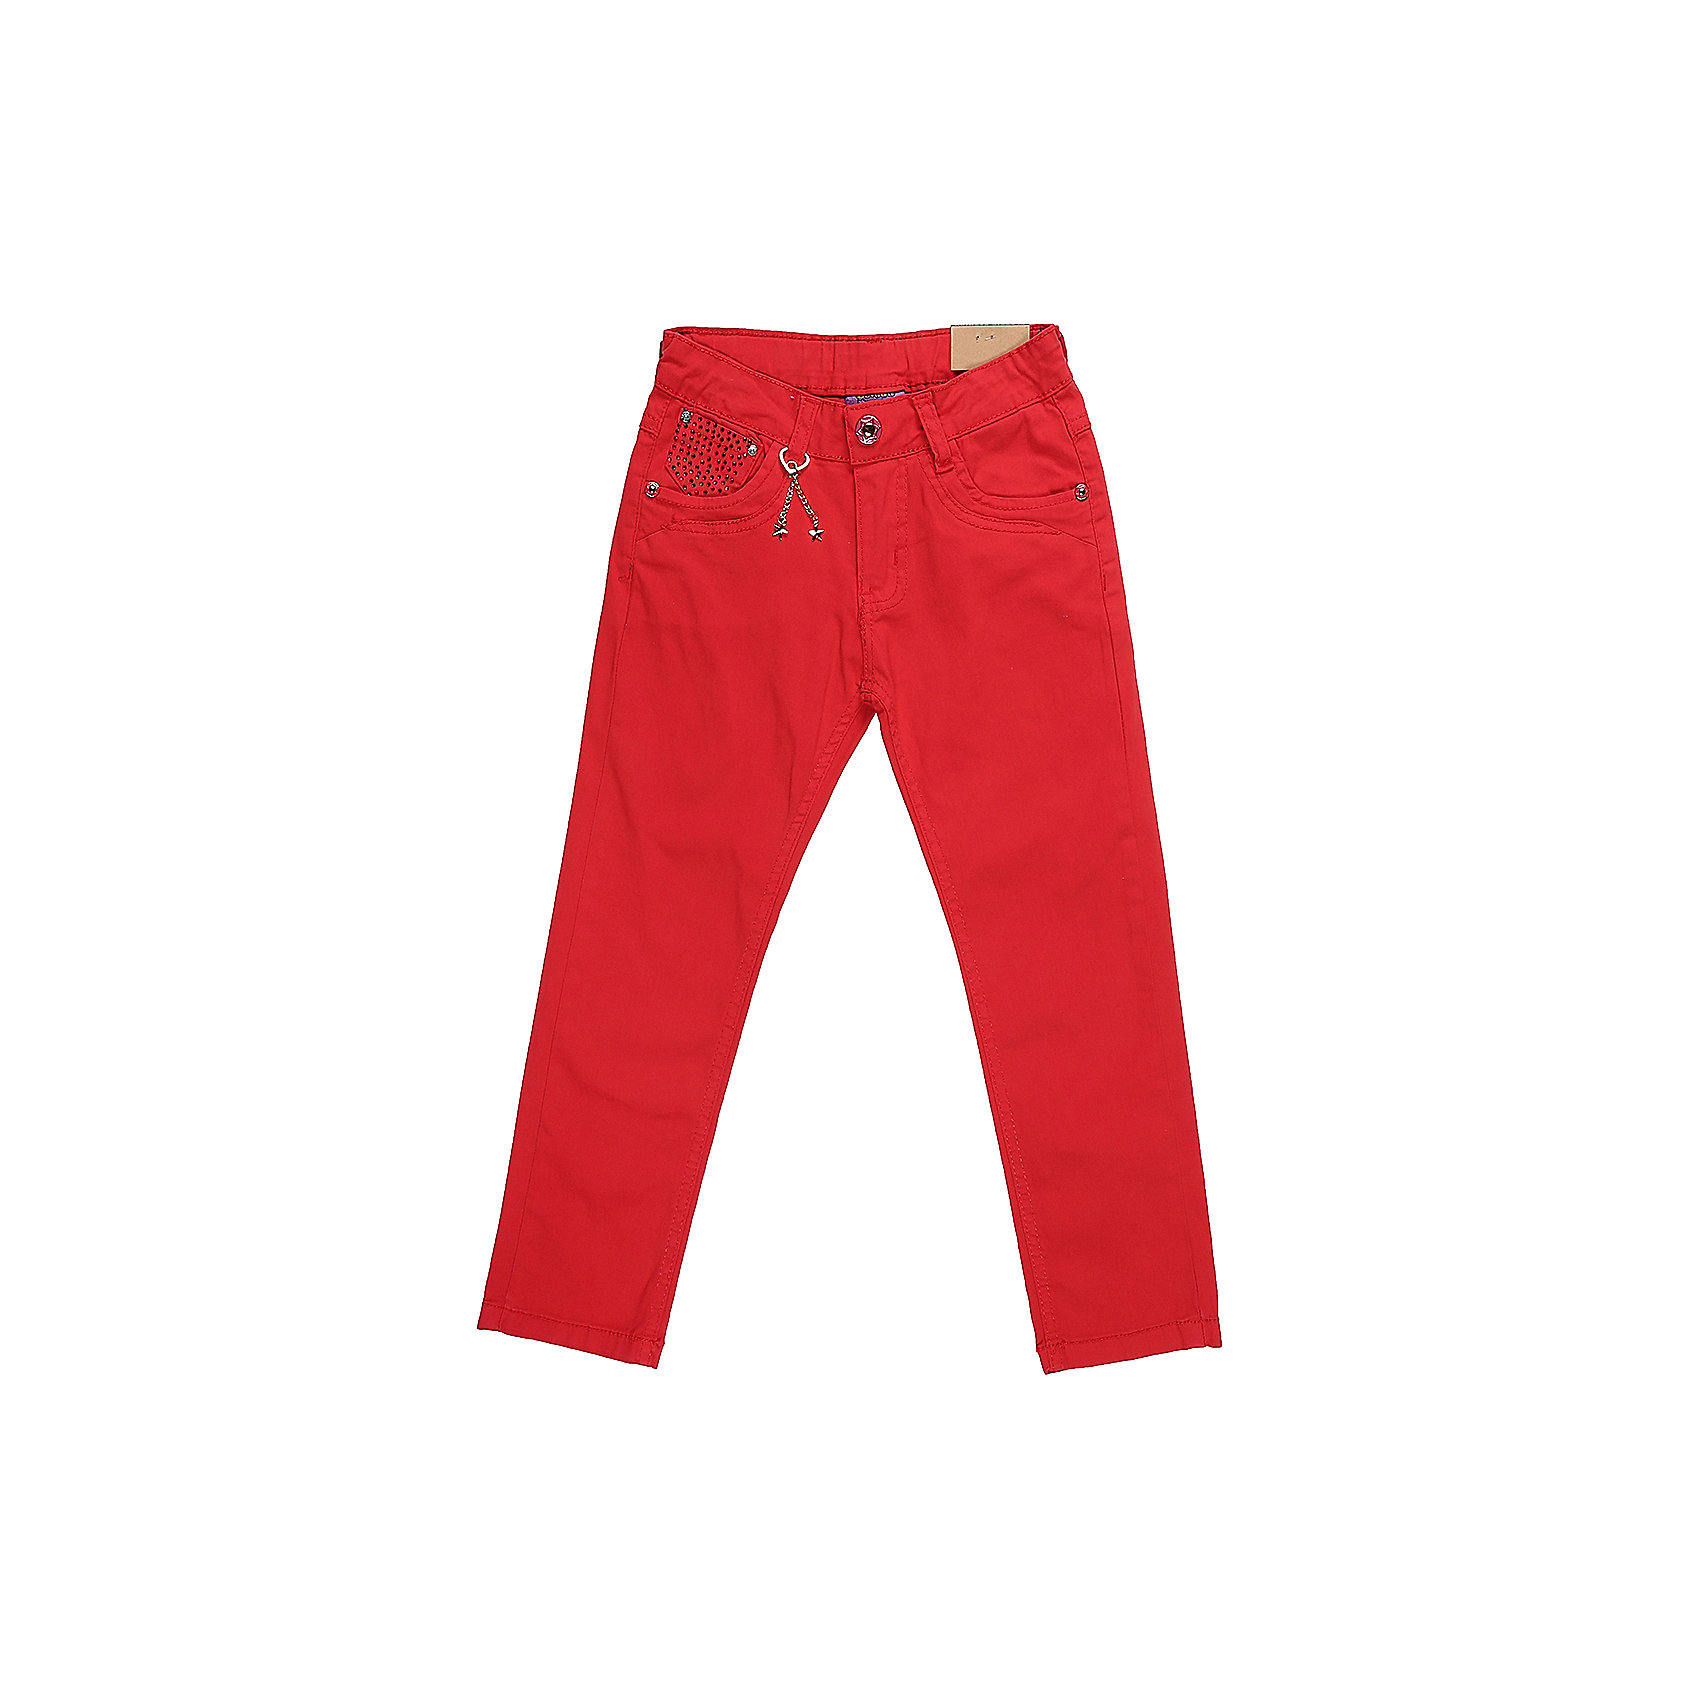 Брюки для девочки Sweet BerryБрюки<br>Стильные джинсовые брюки для девочки. Зауженный крой. Застегиваются на молнию и пуговицу. Шлевки на поясе рассчитаны под ремень. В боковой части пояса находятся вшитые эластичные ленты, регулирующие посадку по талии.<br>Состав:<br>98%хлопок 2%эластан<br><br>Ширина мм: 215<br>Глубина мм: 88<br>Высота мм: 191<br>Вес г: 336<br>Цвет: красный<br>Возраст от месяцев: 36<br>Возраст до месяцев: 48<br>Пол: Женский<br>Возраст: Детский<br>Размер: 104,122,128,98,110,116<br>SKU: 5412141